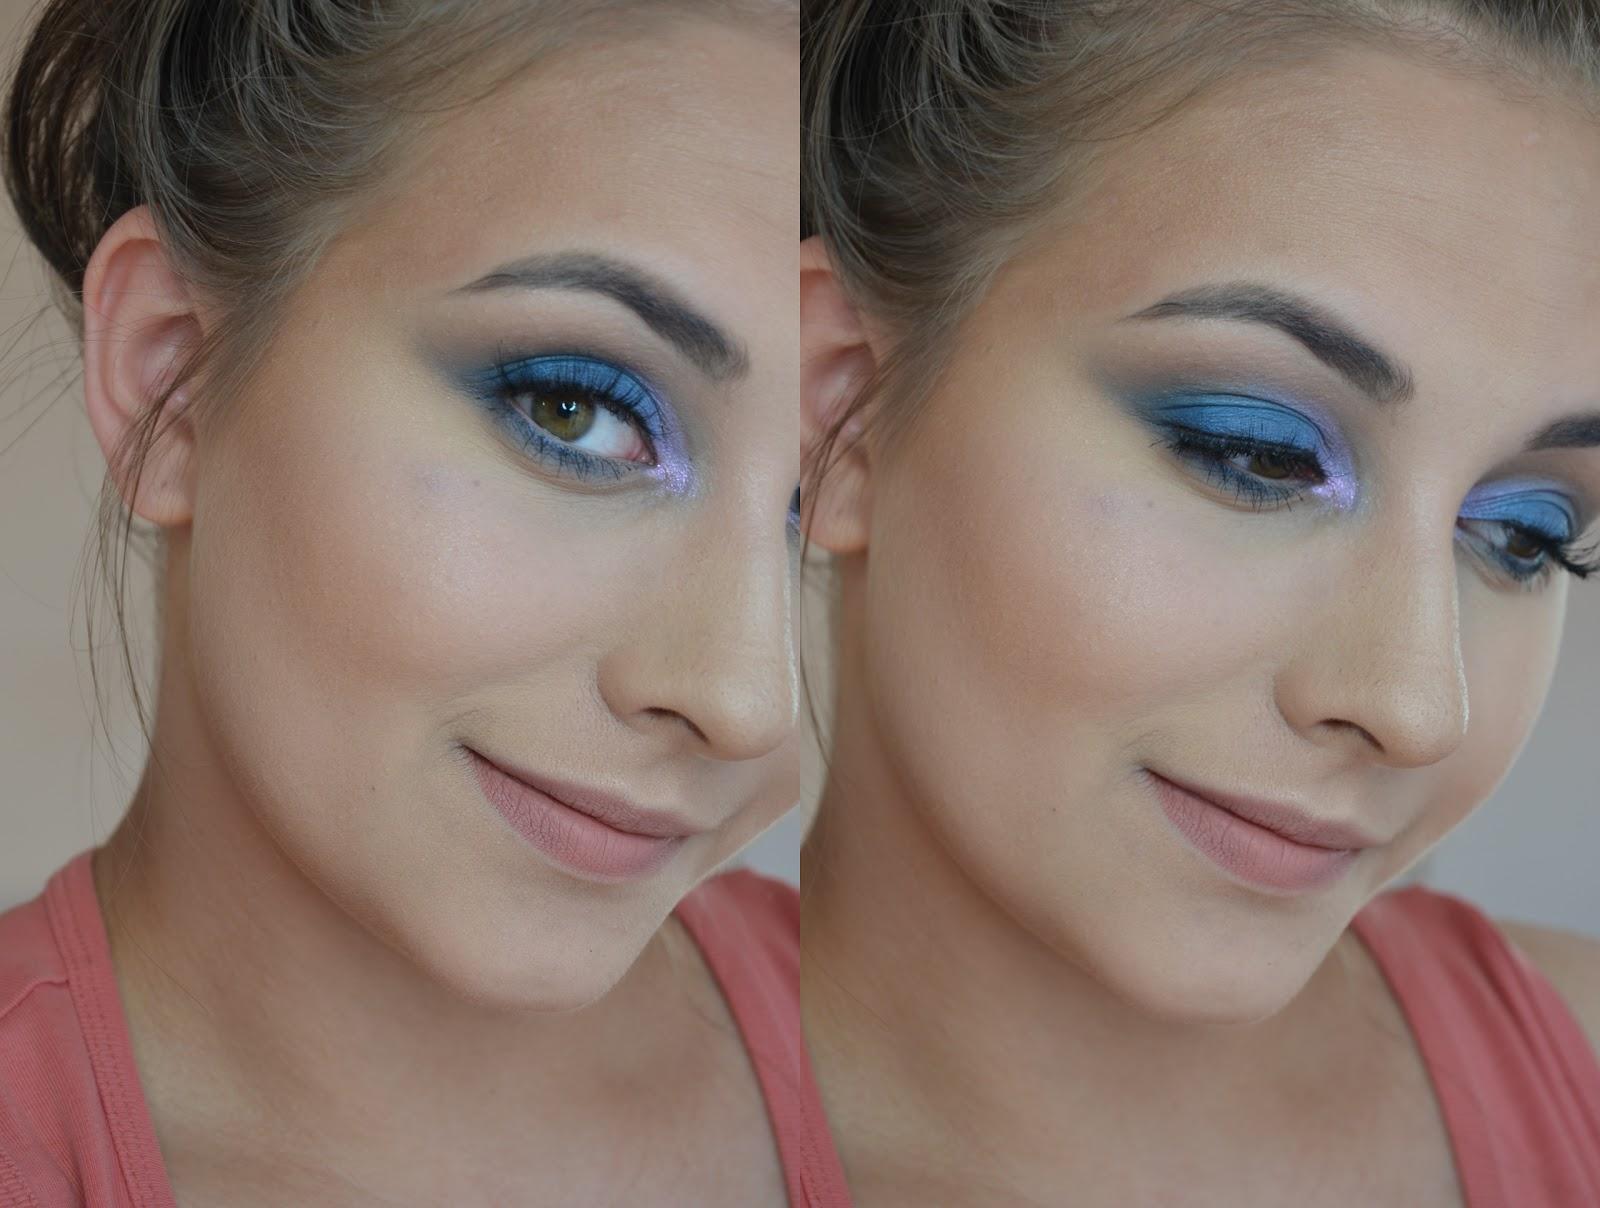 makijaż z wykorzystaniem niebieskiego cienia